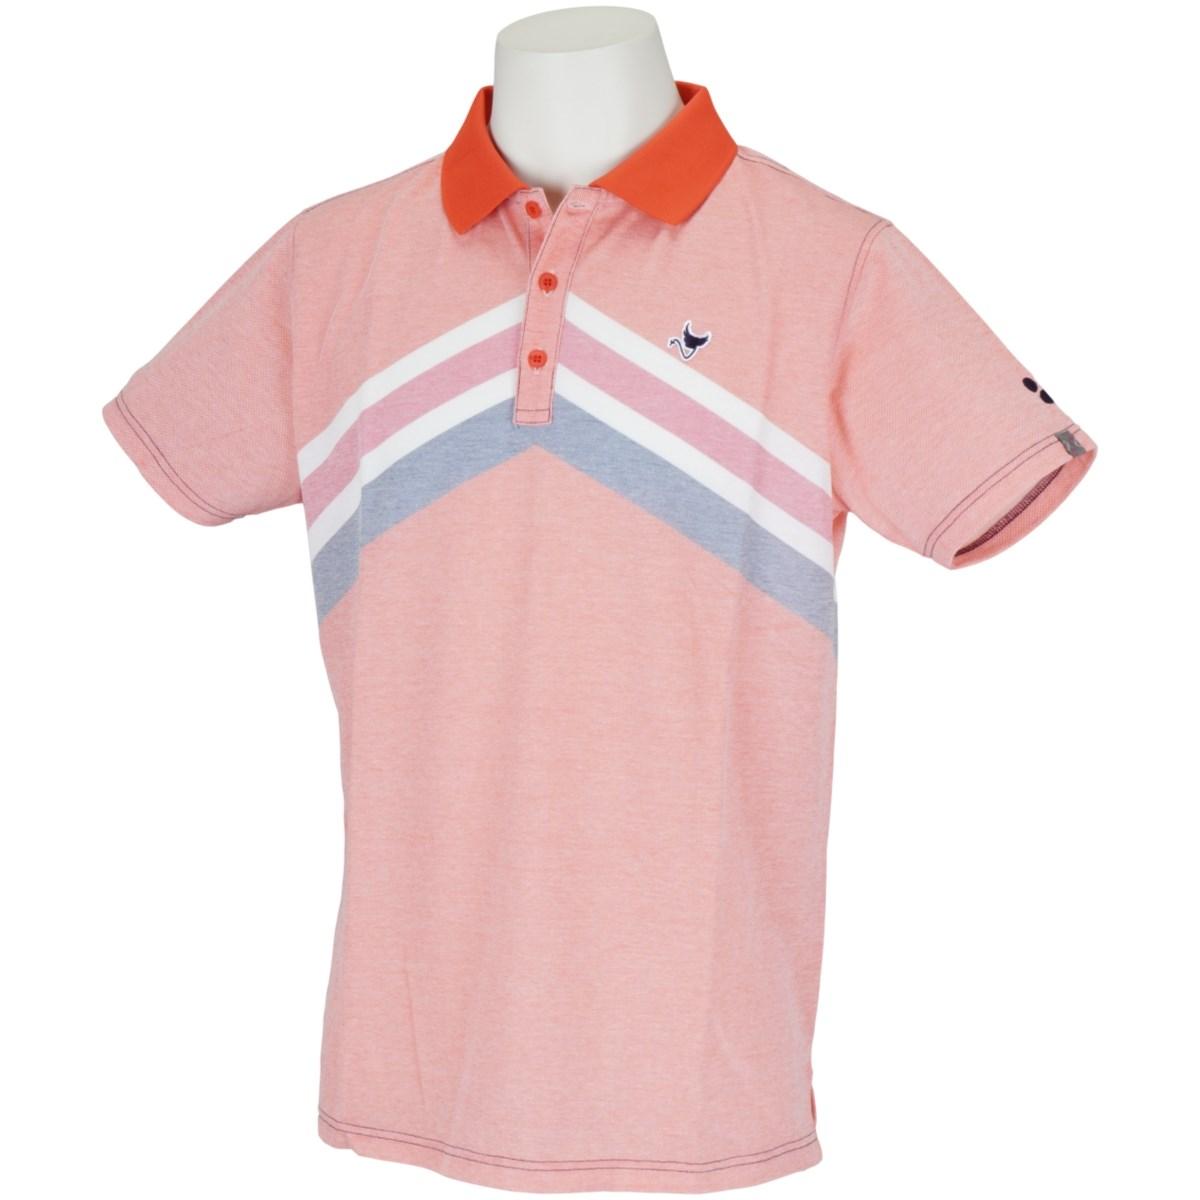 クランク(Clunk) WOOD COLOR 半袖ポロシャツ